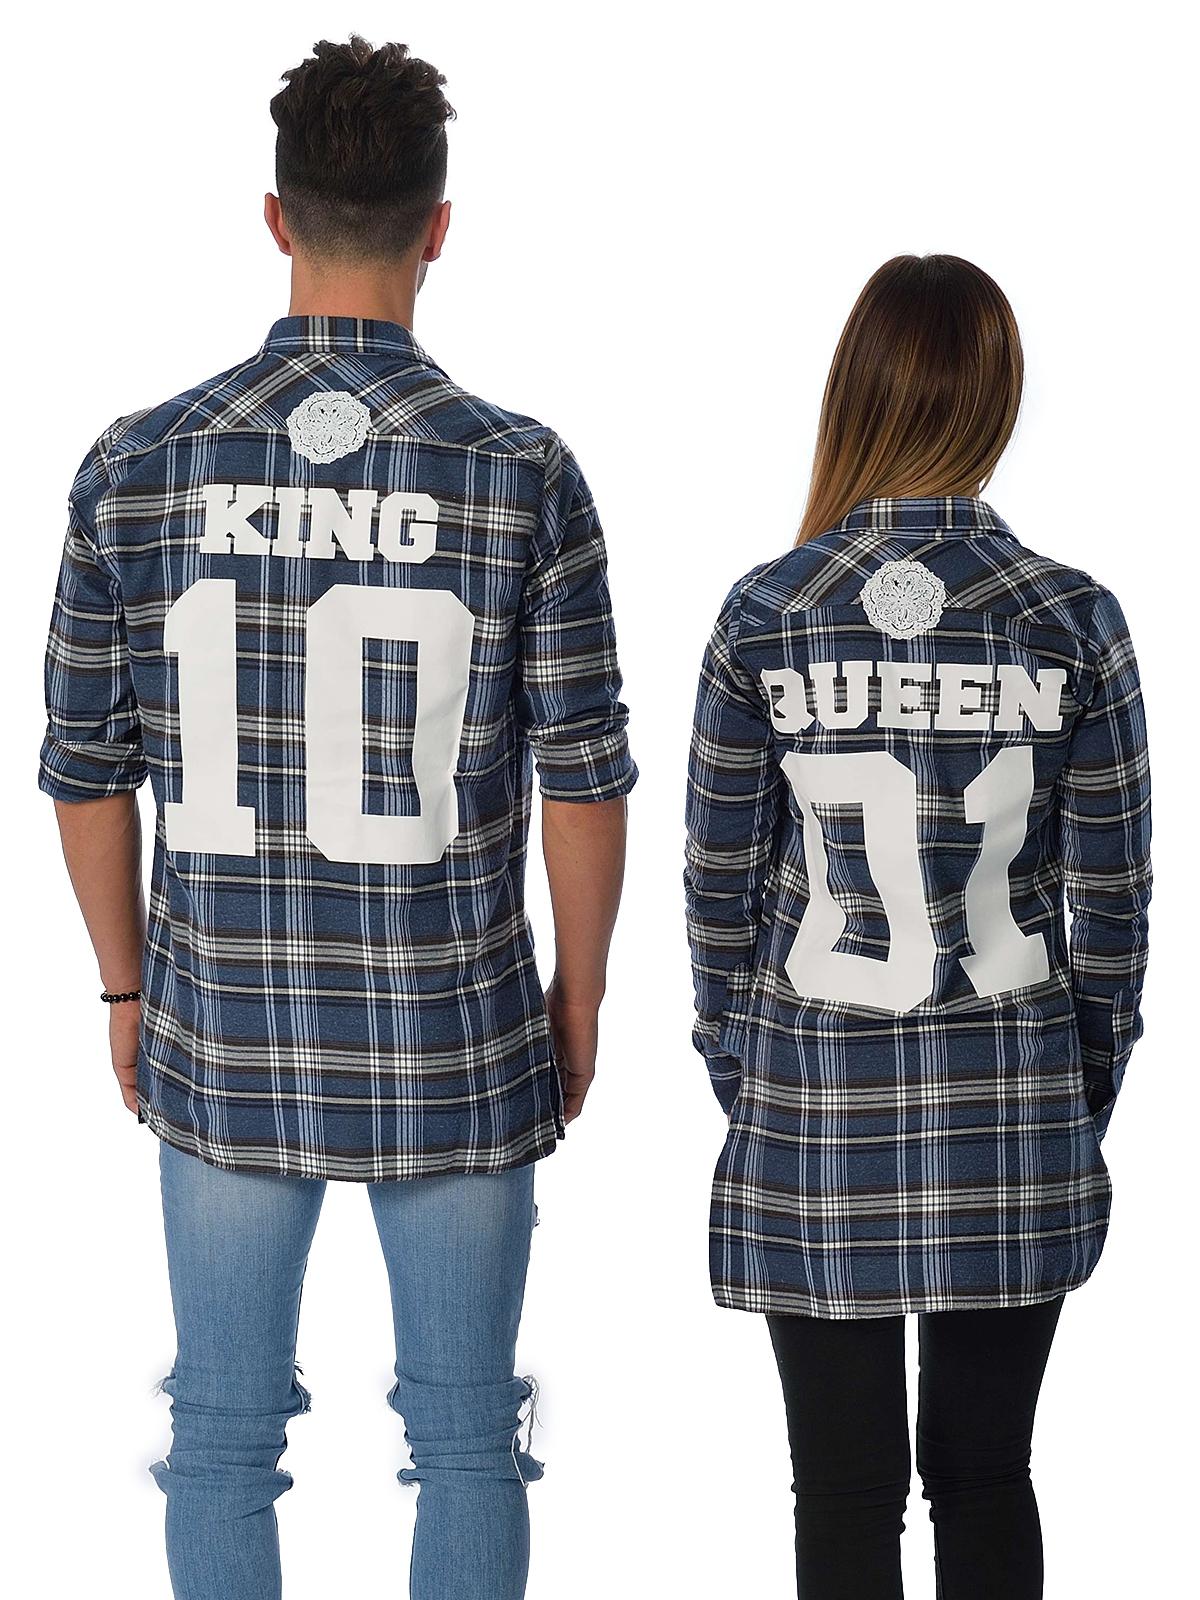 King X Queen Blue Shirt